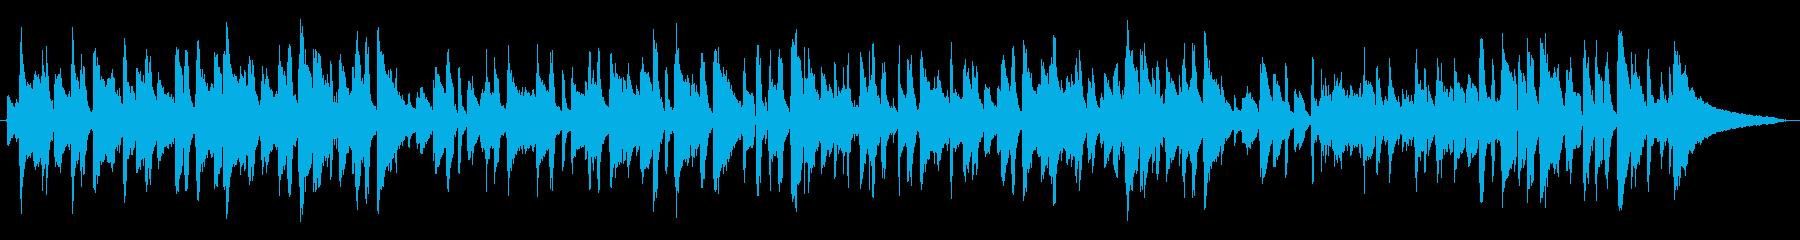 ピアノトリオによるジャズの再生済みの波形